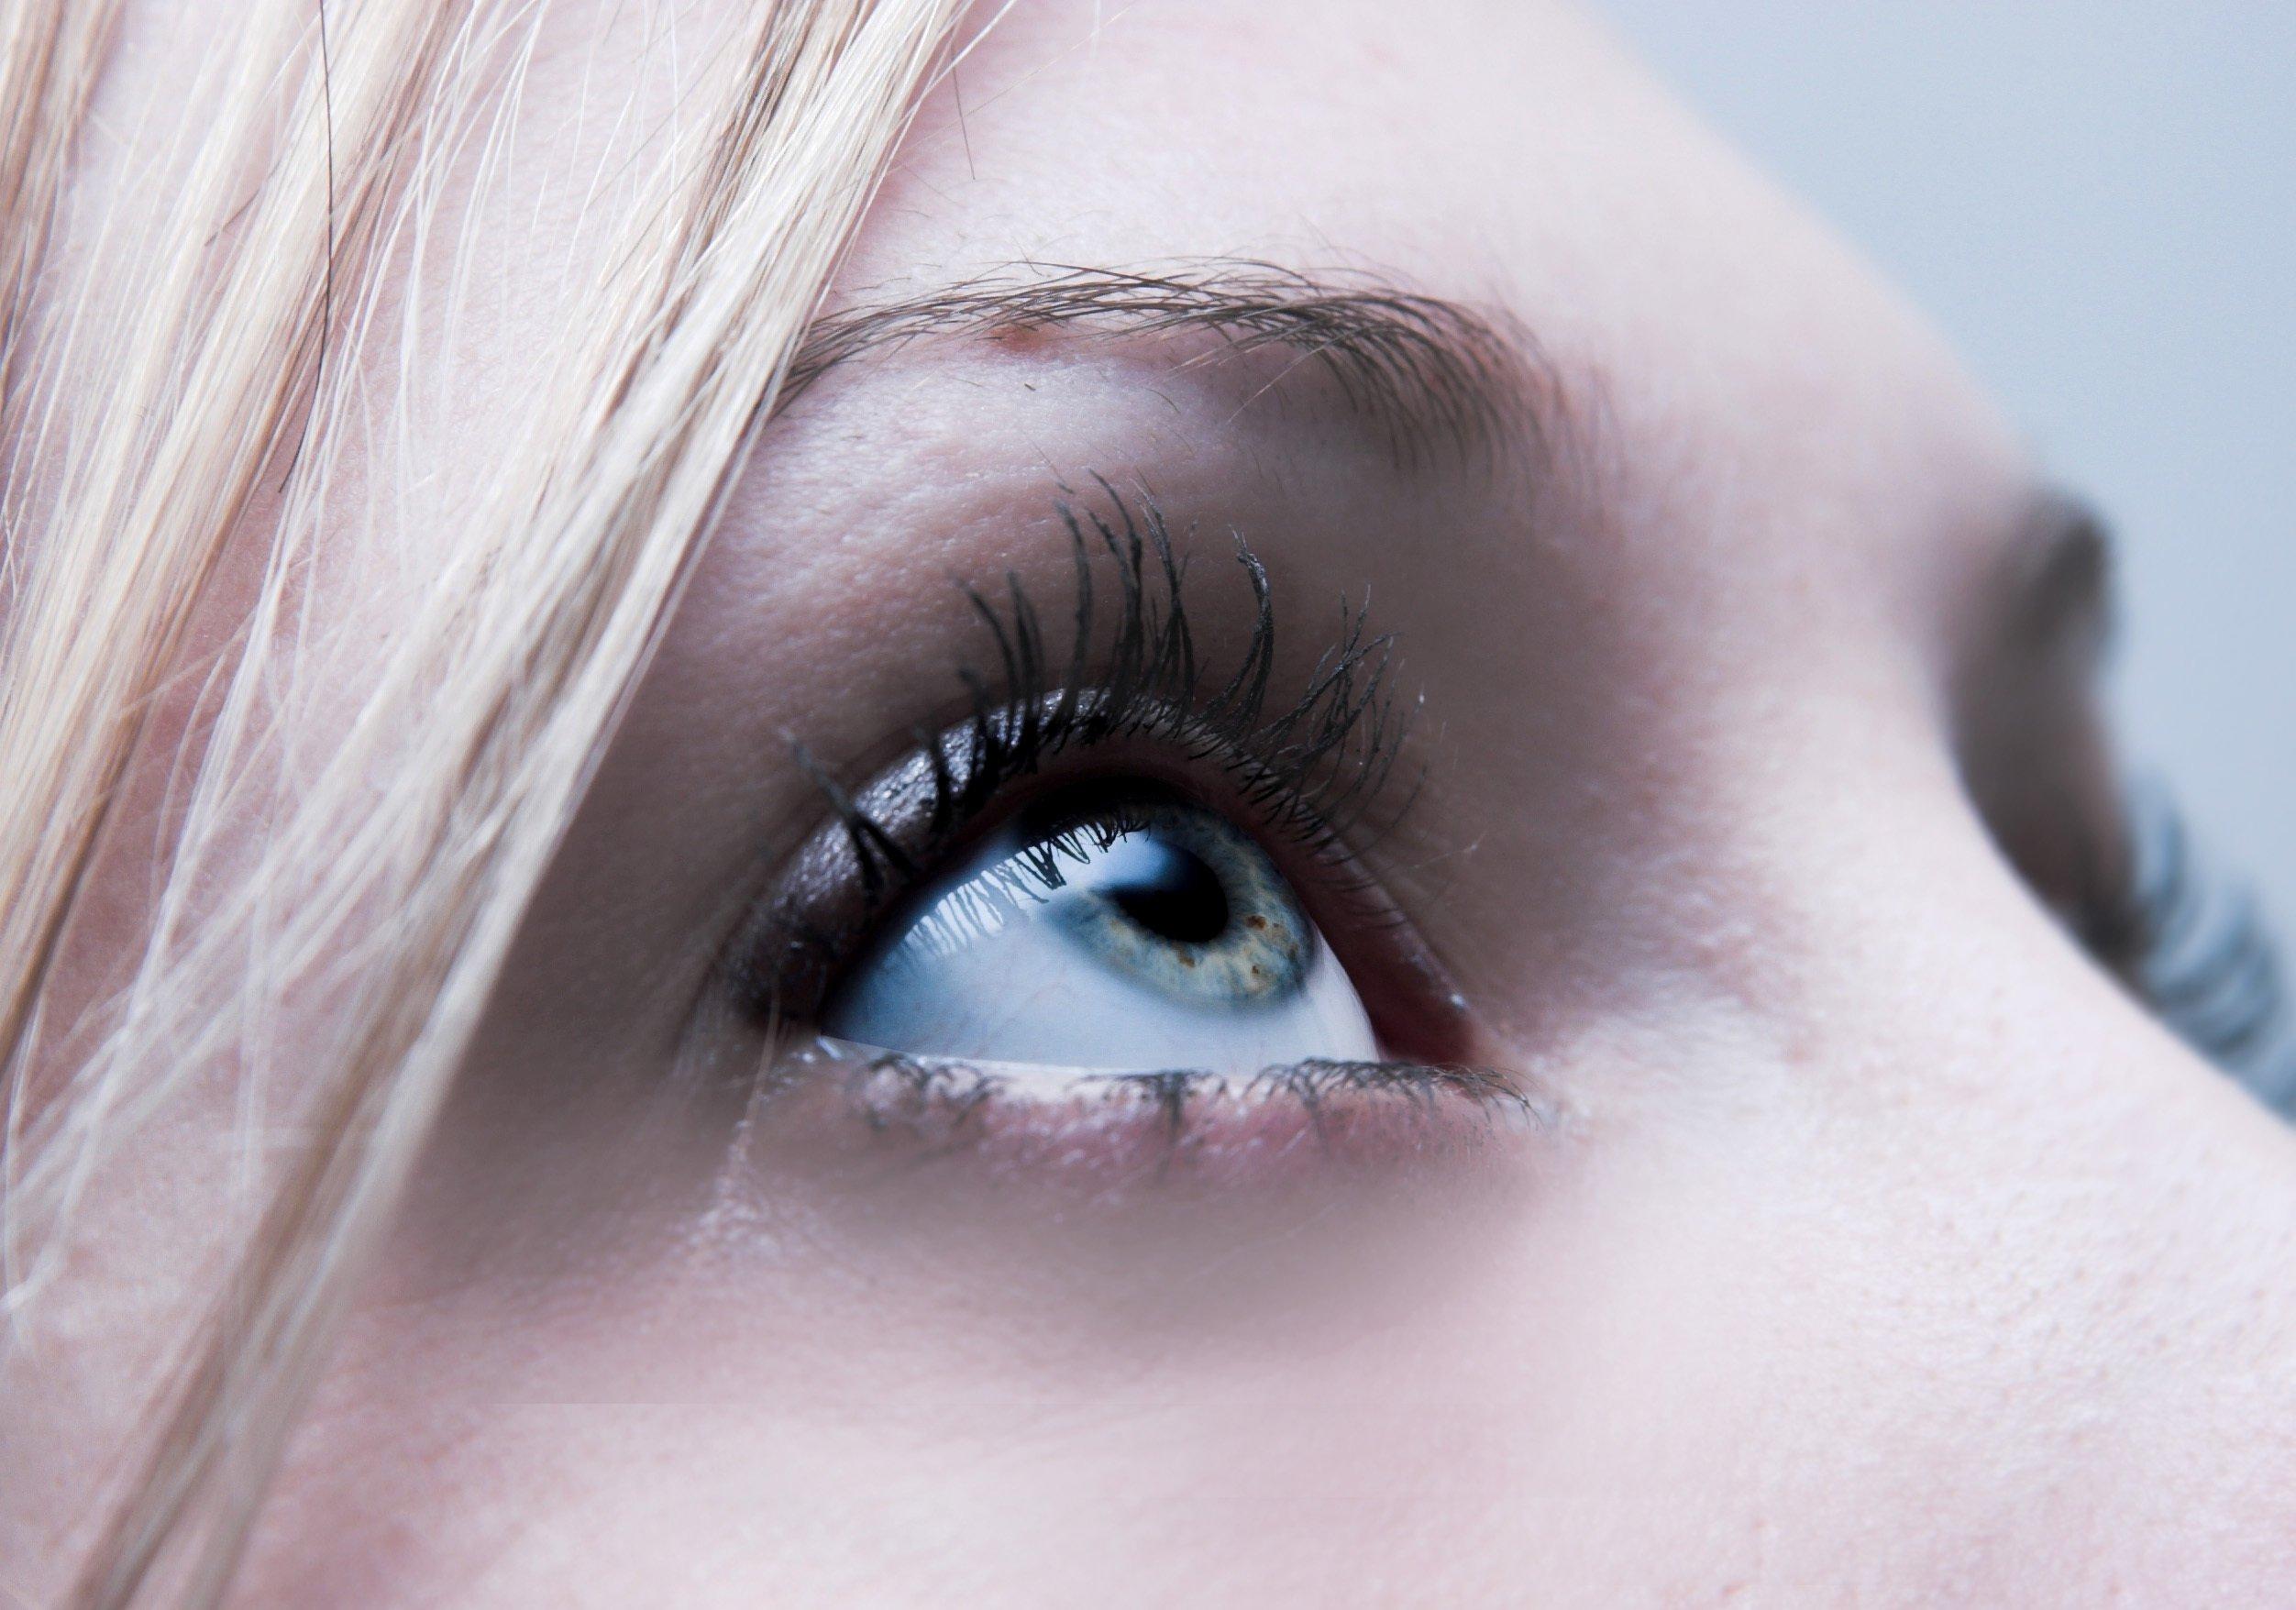 L'œil de la femme en gros plan   Photo : Shutterstock